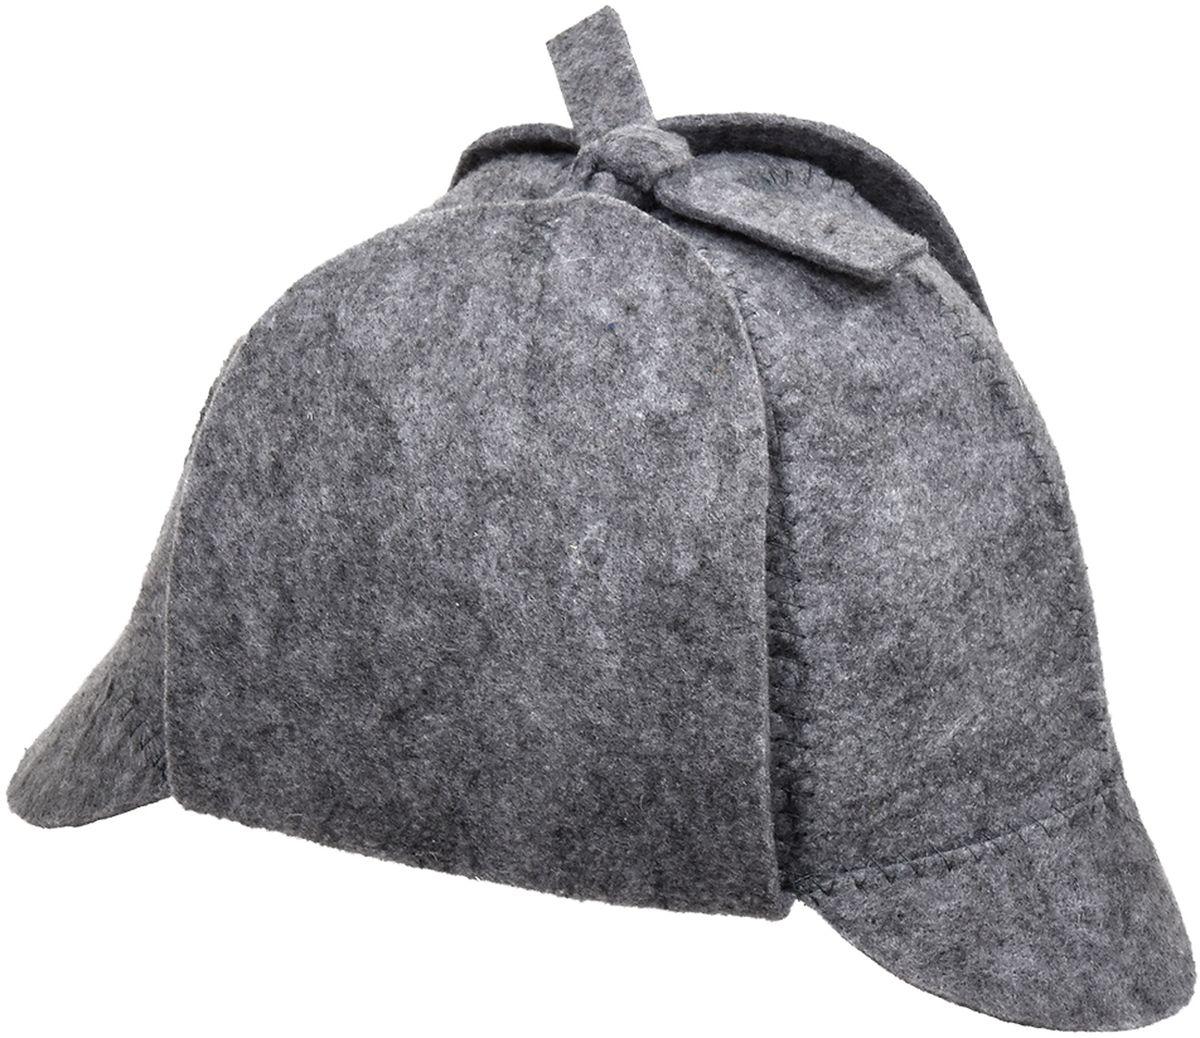 Шапка для бани и сауны Нot Pot Шерлок41208Шапка для бани и сауны Hot Pot — это необходимый аксессуар при посещении парной. Такая шапка защитит от головокружения и перегрева головы, а также предотвратит ломкость и сухость волос. Изделие замечательно впитывает влагу, хорошо сидит на голове, обеспечивает комфорт и удовольствие от отдыха в парилке. Незаменима в традиционной русской бане, также используется в финских саунах, где температура сухого воздуха может достигать 100°С. Шапка выполнена в оригинальном дизайне.